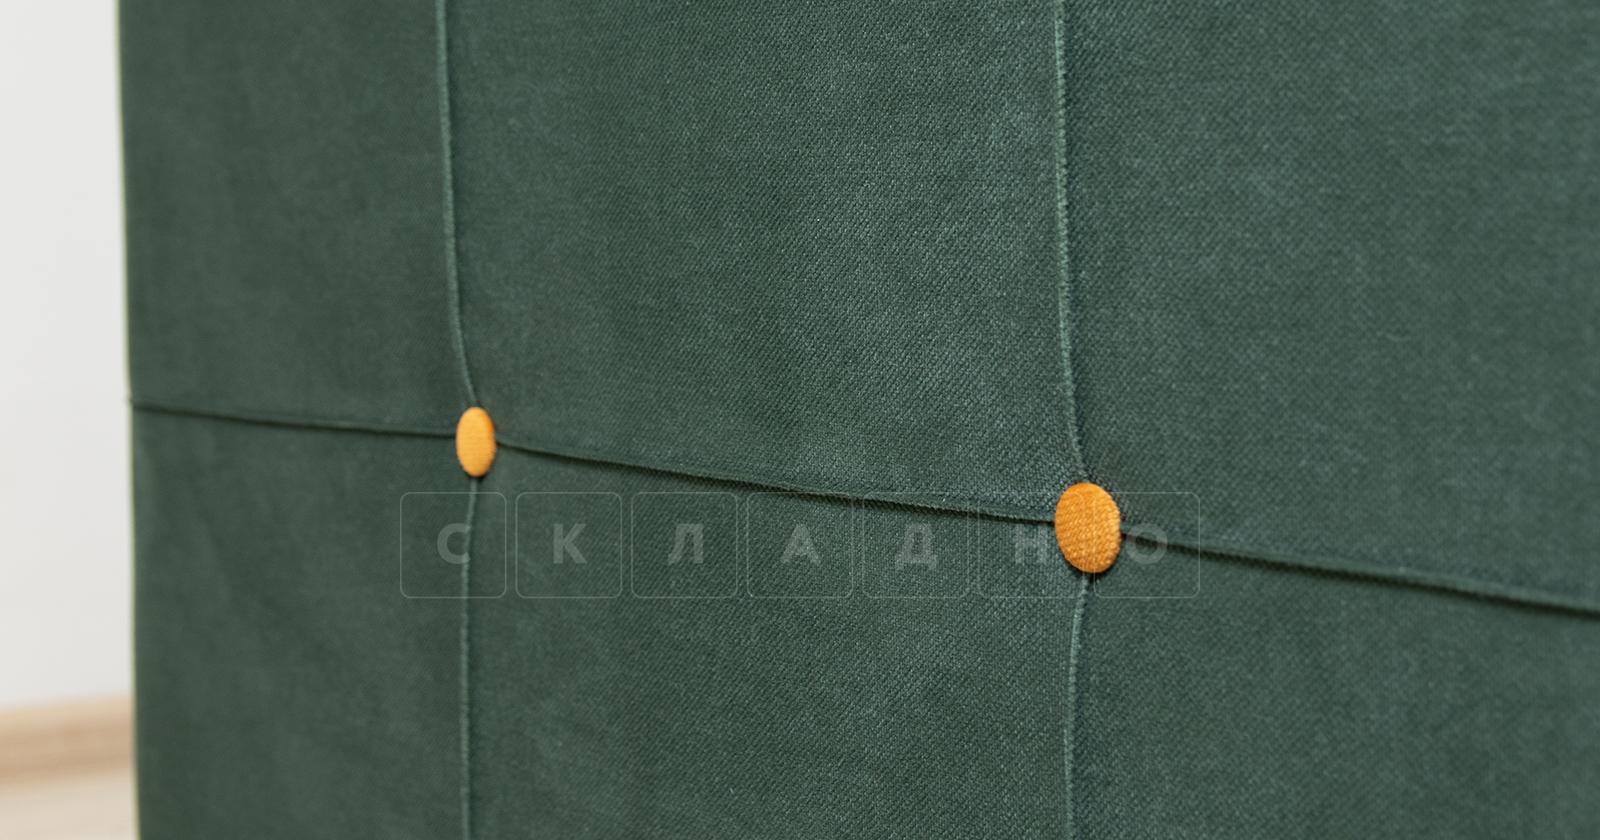 Диван-кровать угловой Флэтфорд нефритовый зеленый фото 9 | интернет-магазин Складно